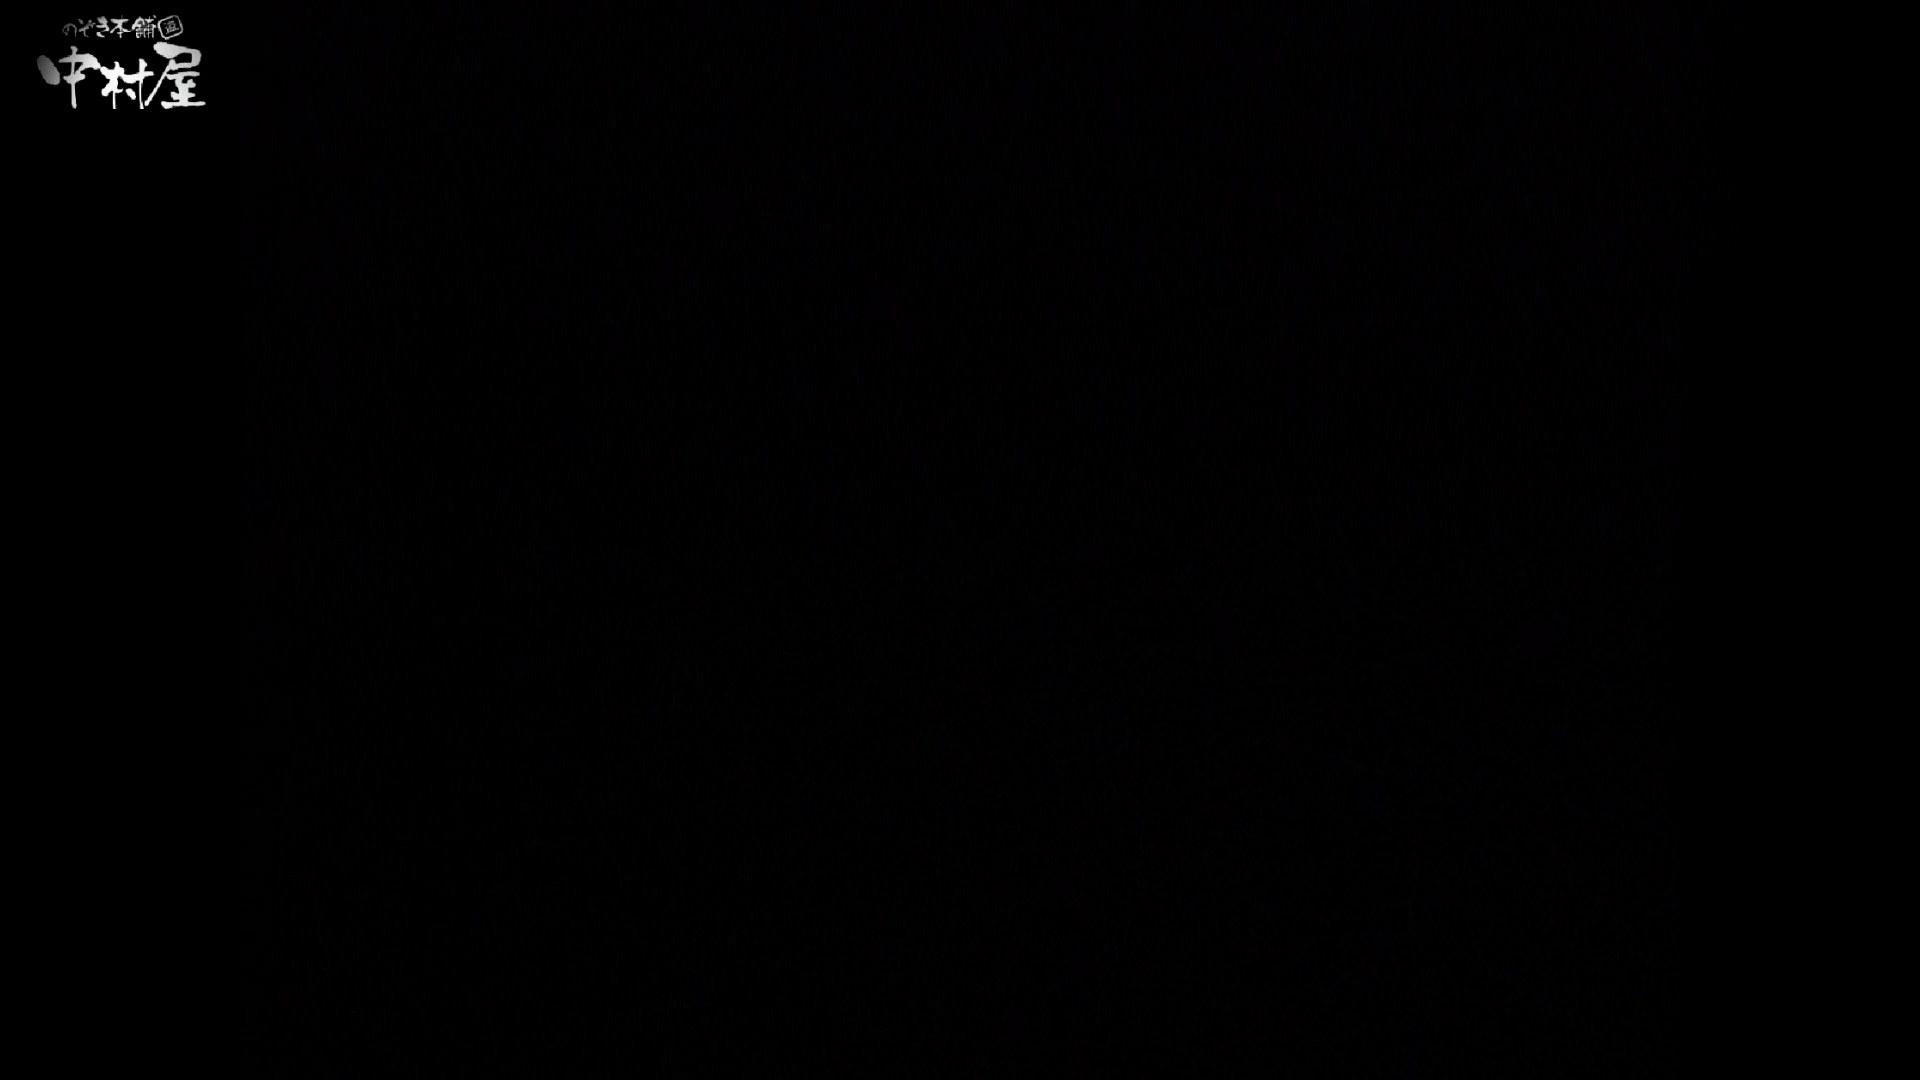 民家風呂専門盗撮師の超危険映像 vol.016 股間 スケベ動画紹介 88PIX 39